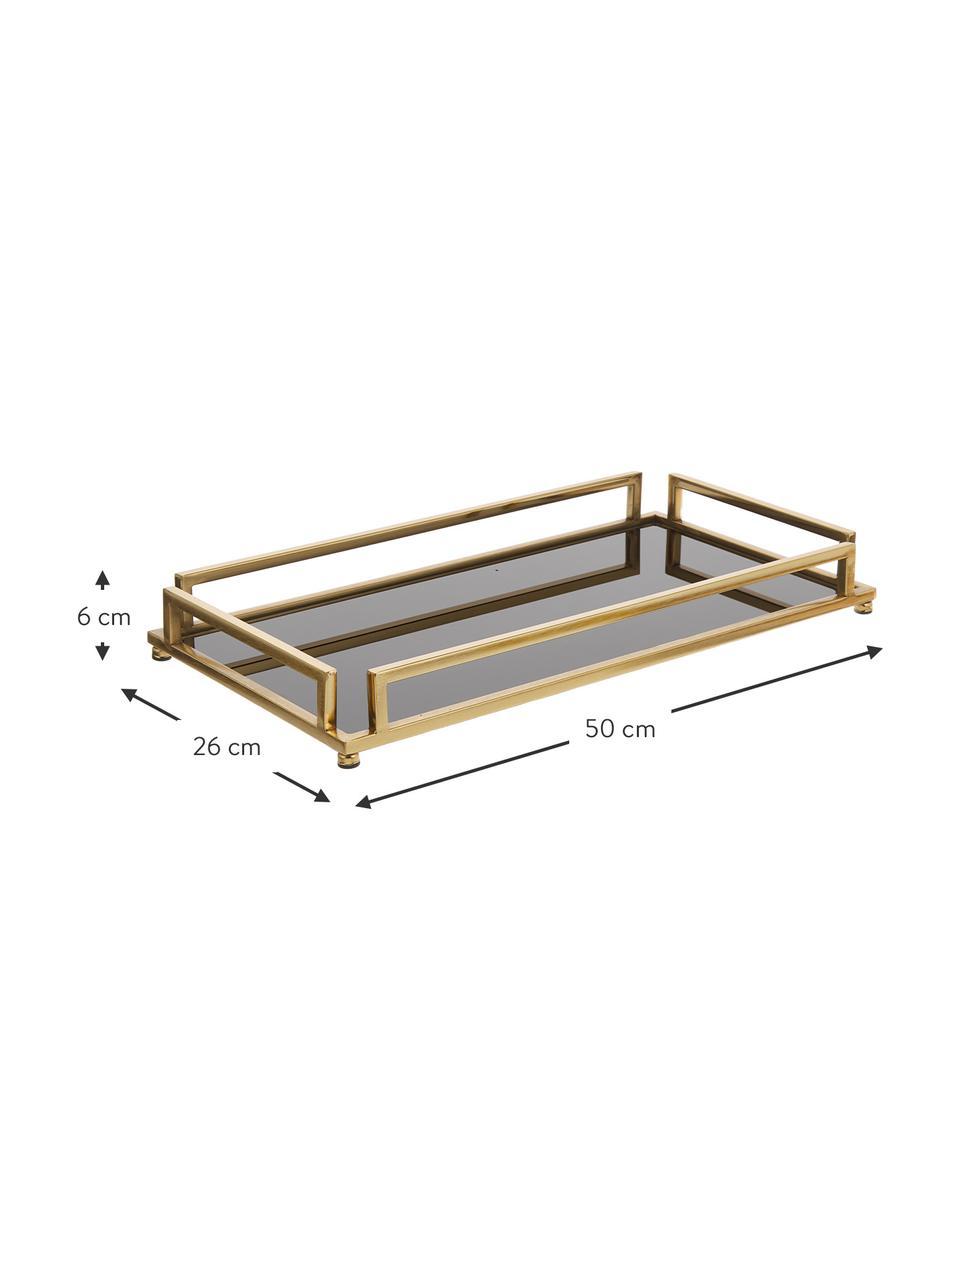 Deko-Tablett Traika in Gold mit schwarzer Ablagefläche, L 50 x B 26 cm, Rahmen: Metall, beschichtet, Ablagefläche: Glas, Messingfarben, Schwarz, 26 x 50 cm